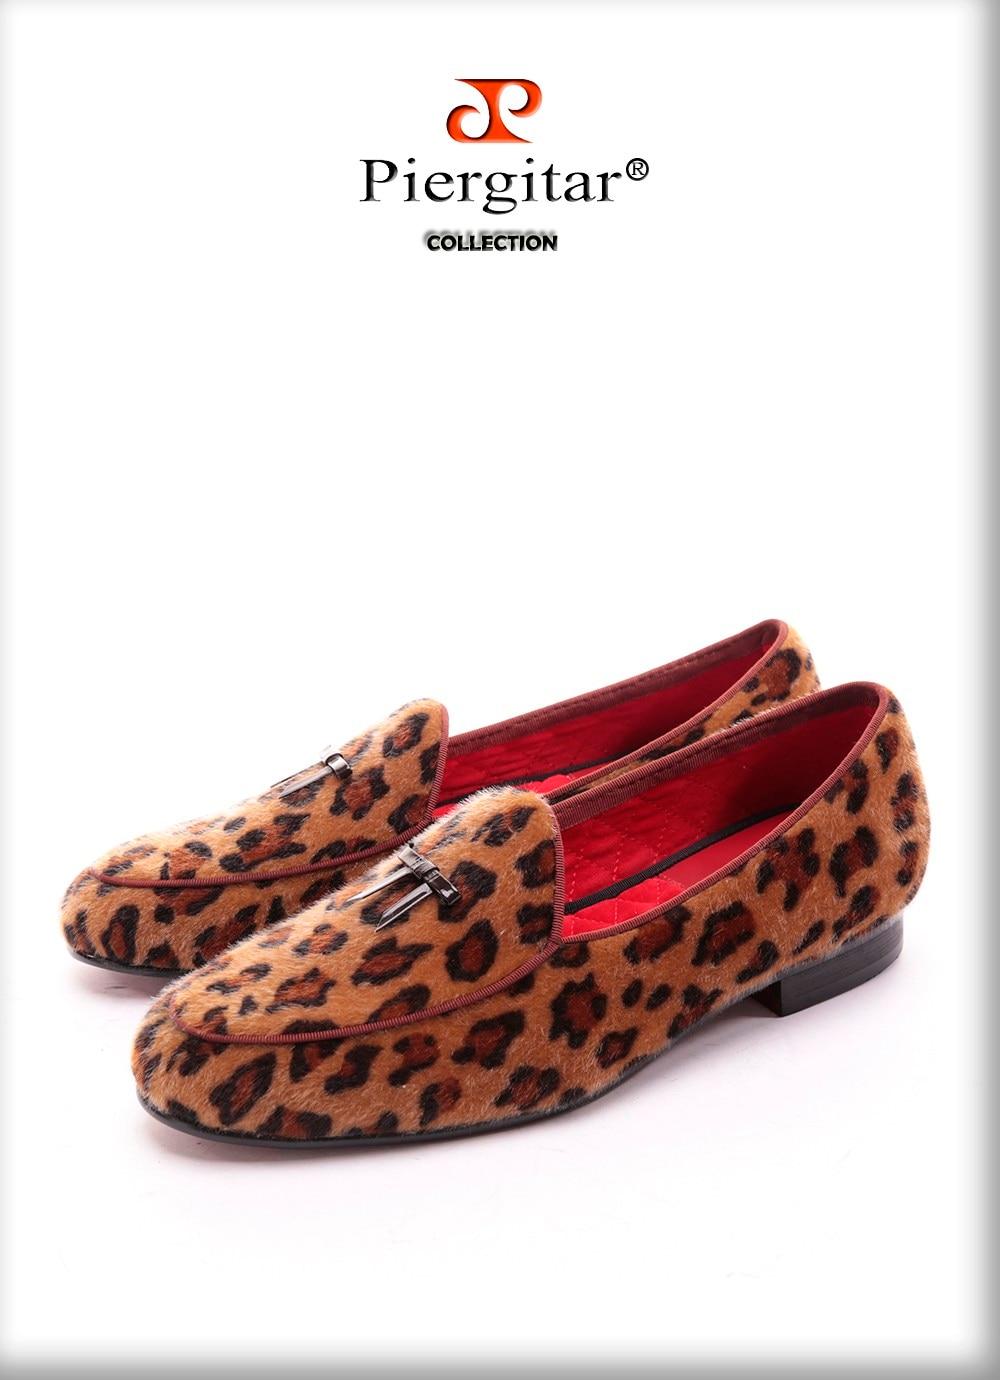 Marque New Arrival main Hommes Leopard Chaussures de velours avec petite cravate et Tongue ronde Mode bal banquet Mocassins 0W2ixoV